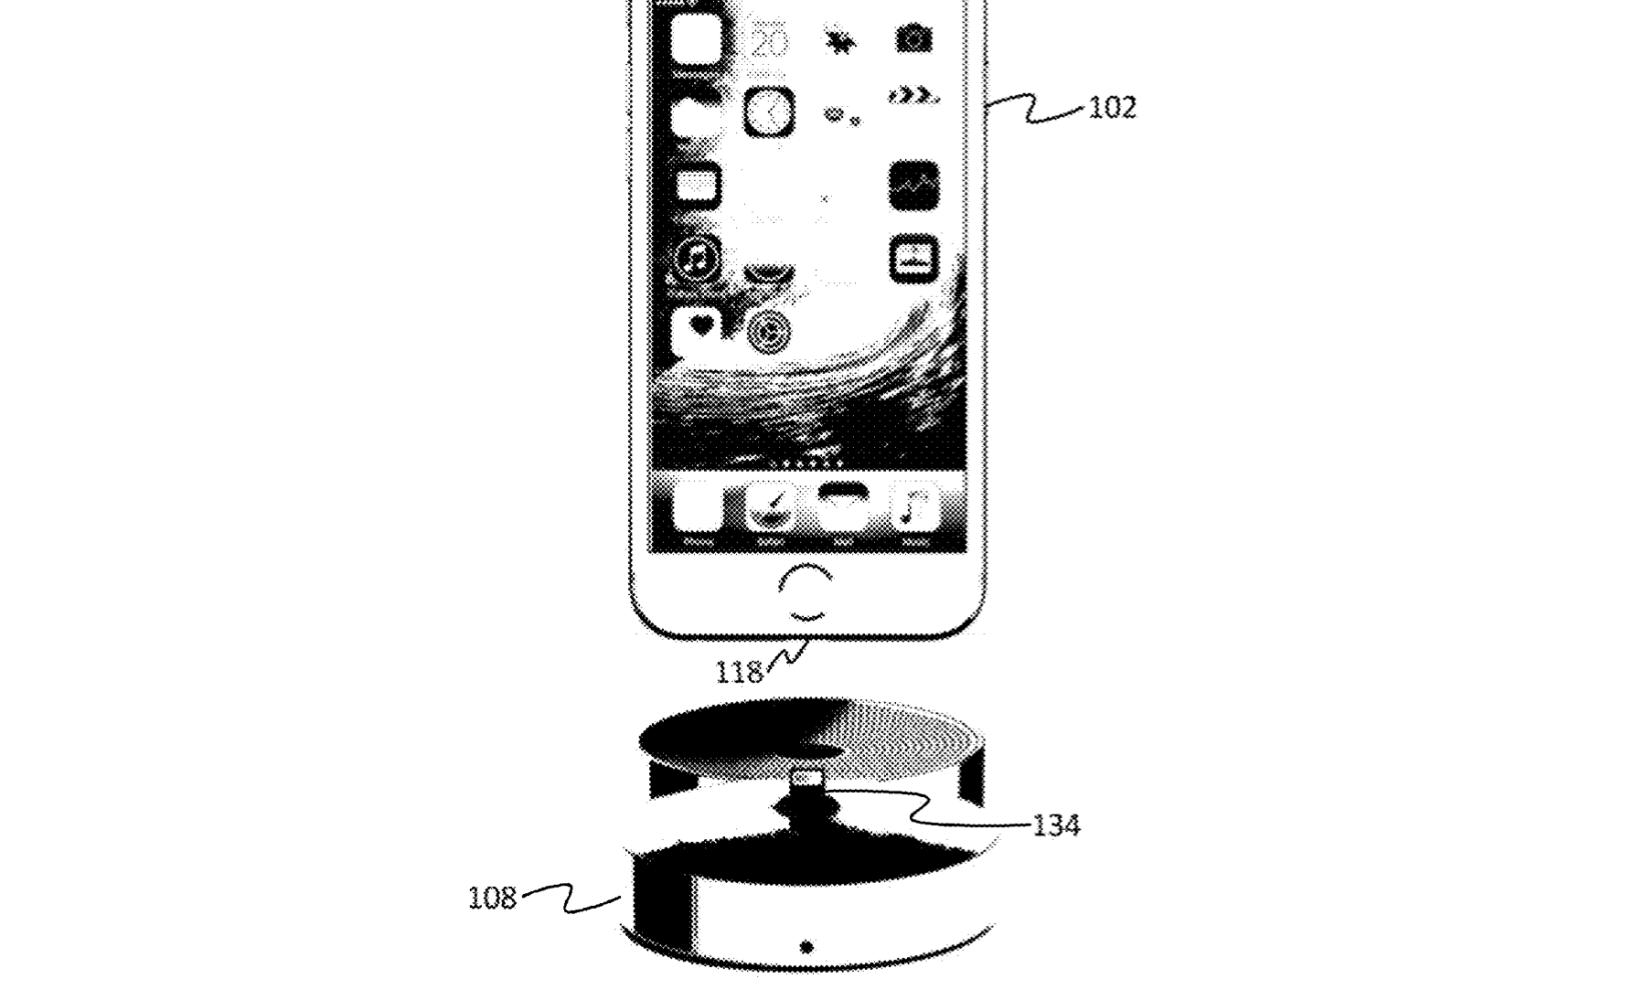 Stacja dokująca do iPhone'a – oto nietypowy pomysł Microsoftu 23